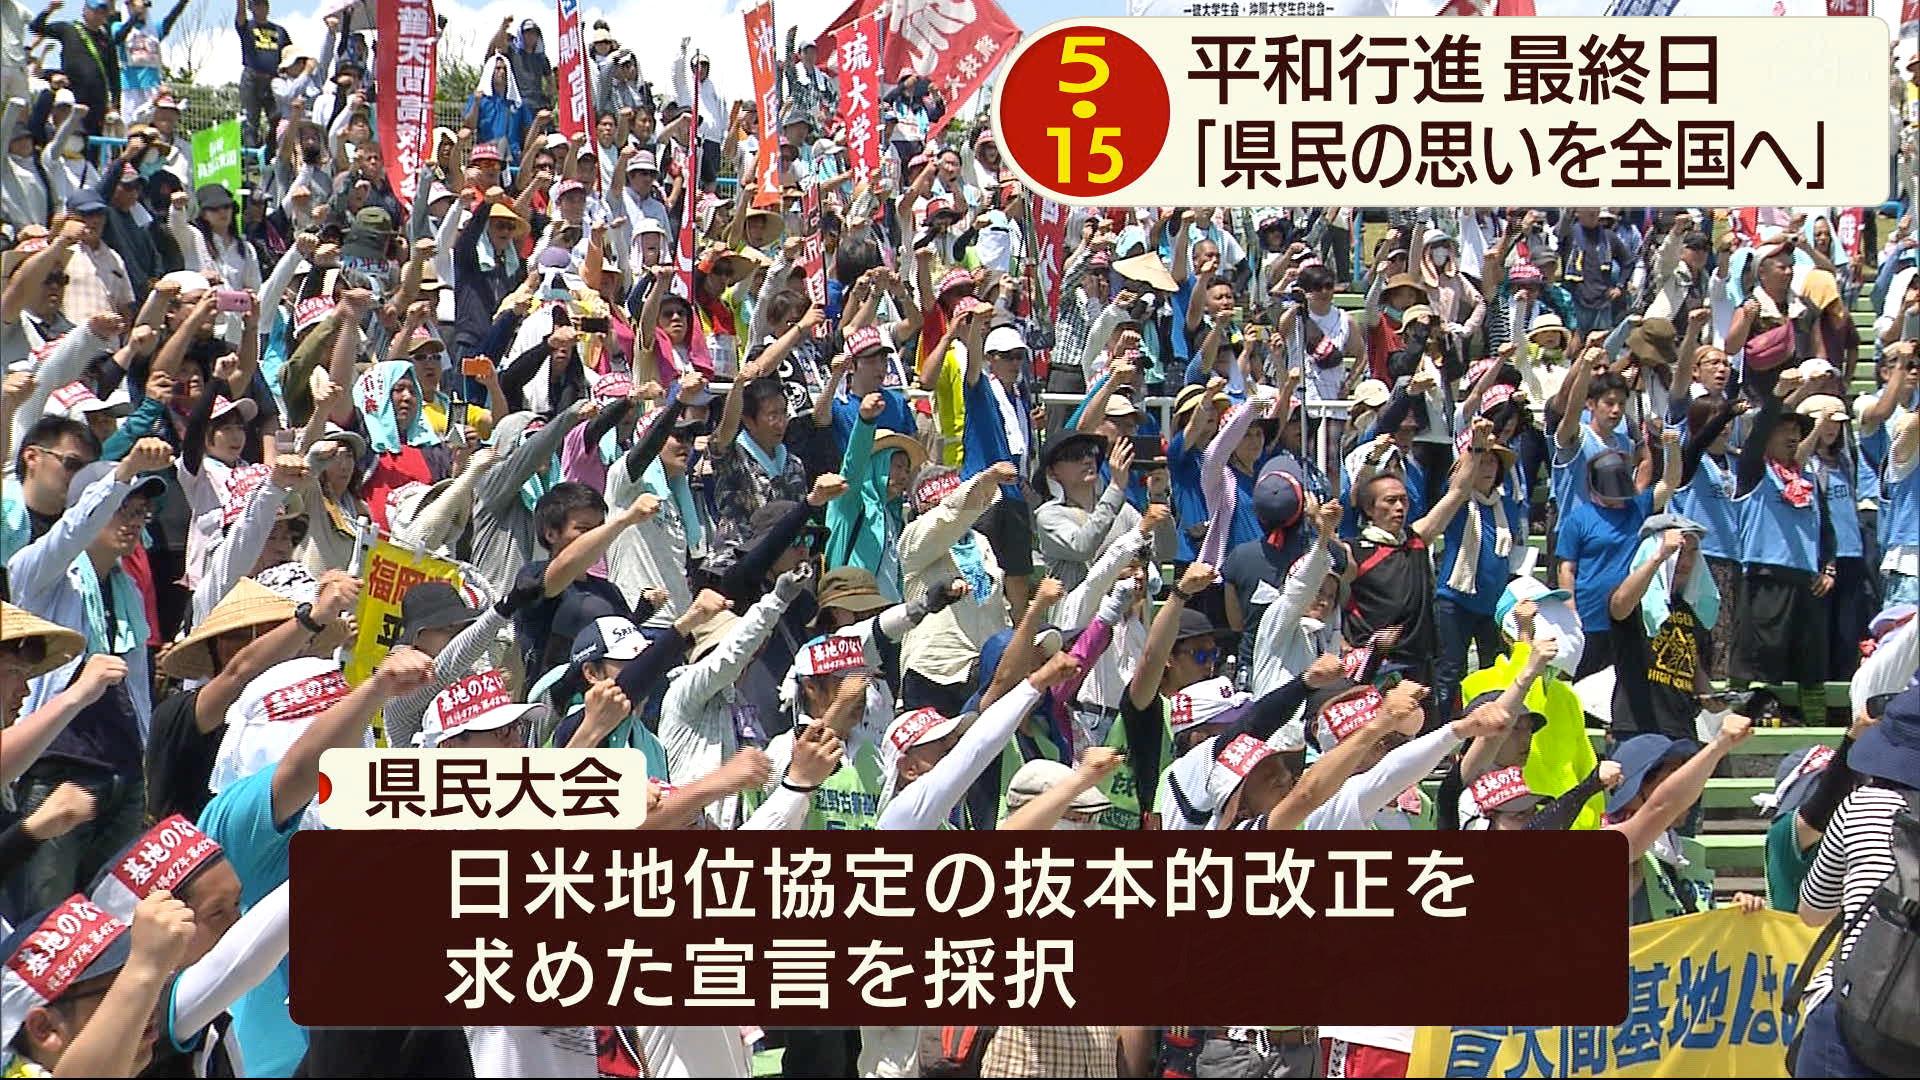 5・15平和行進最終日 県民大会に2000人